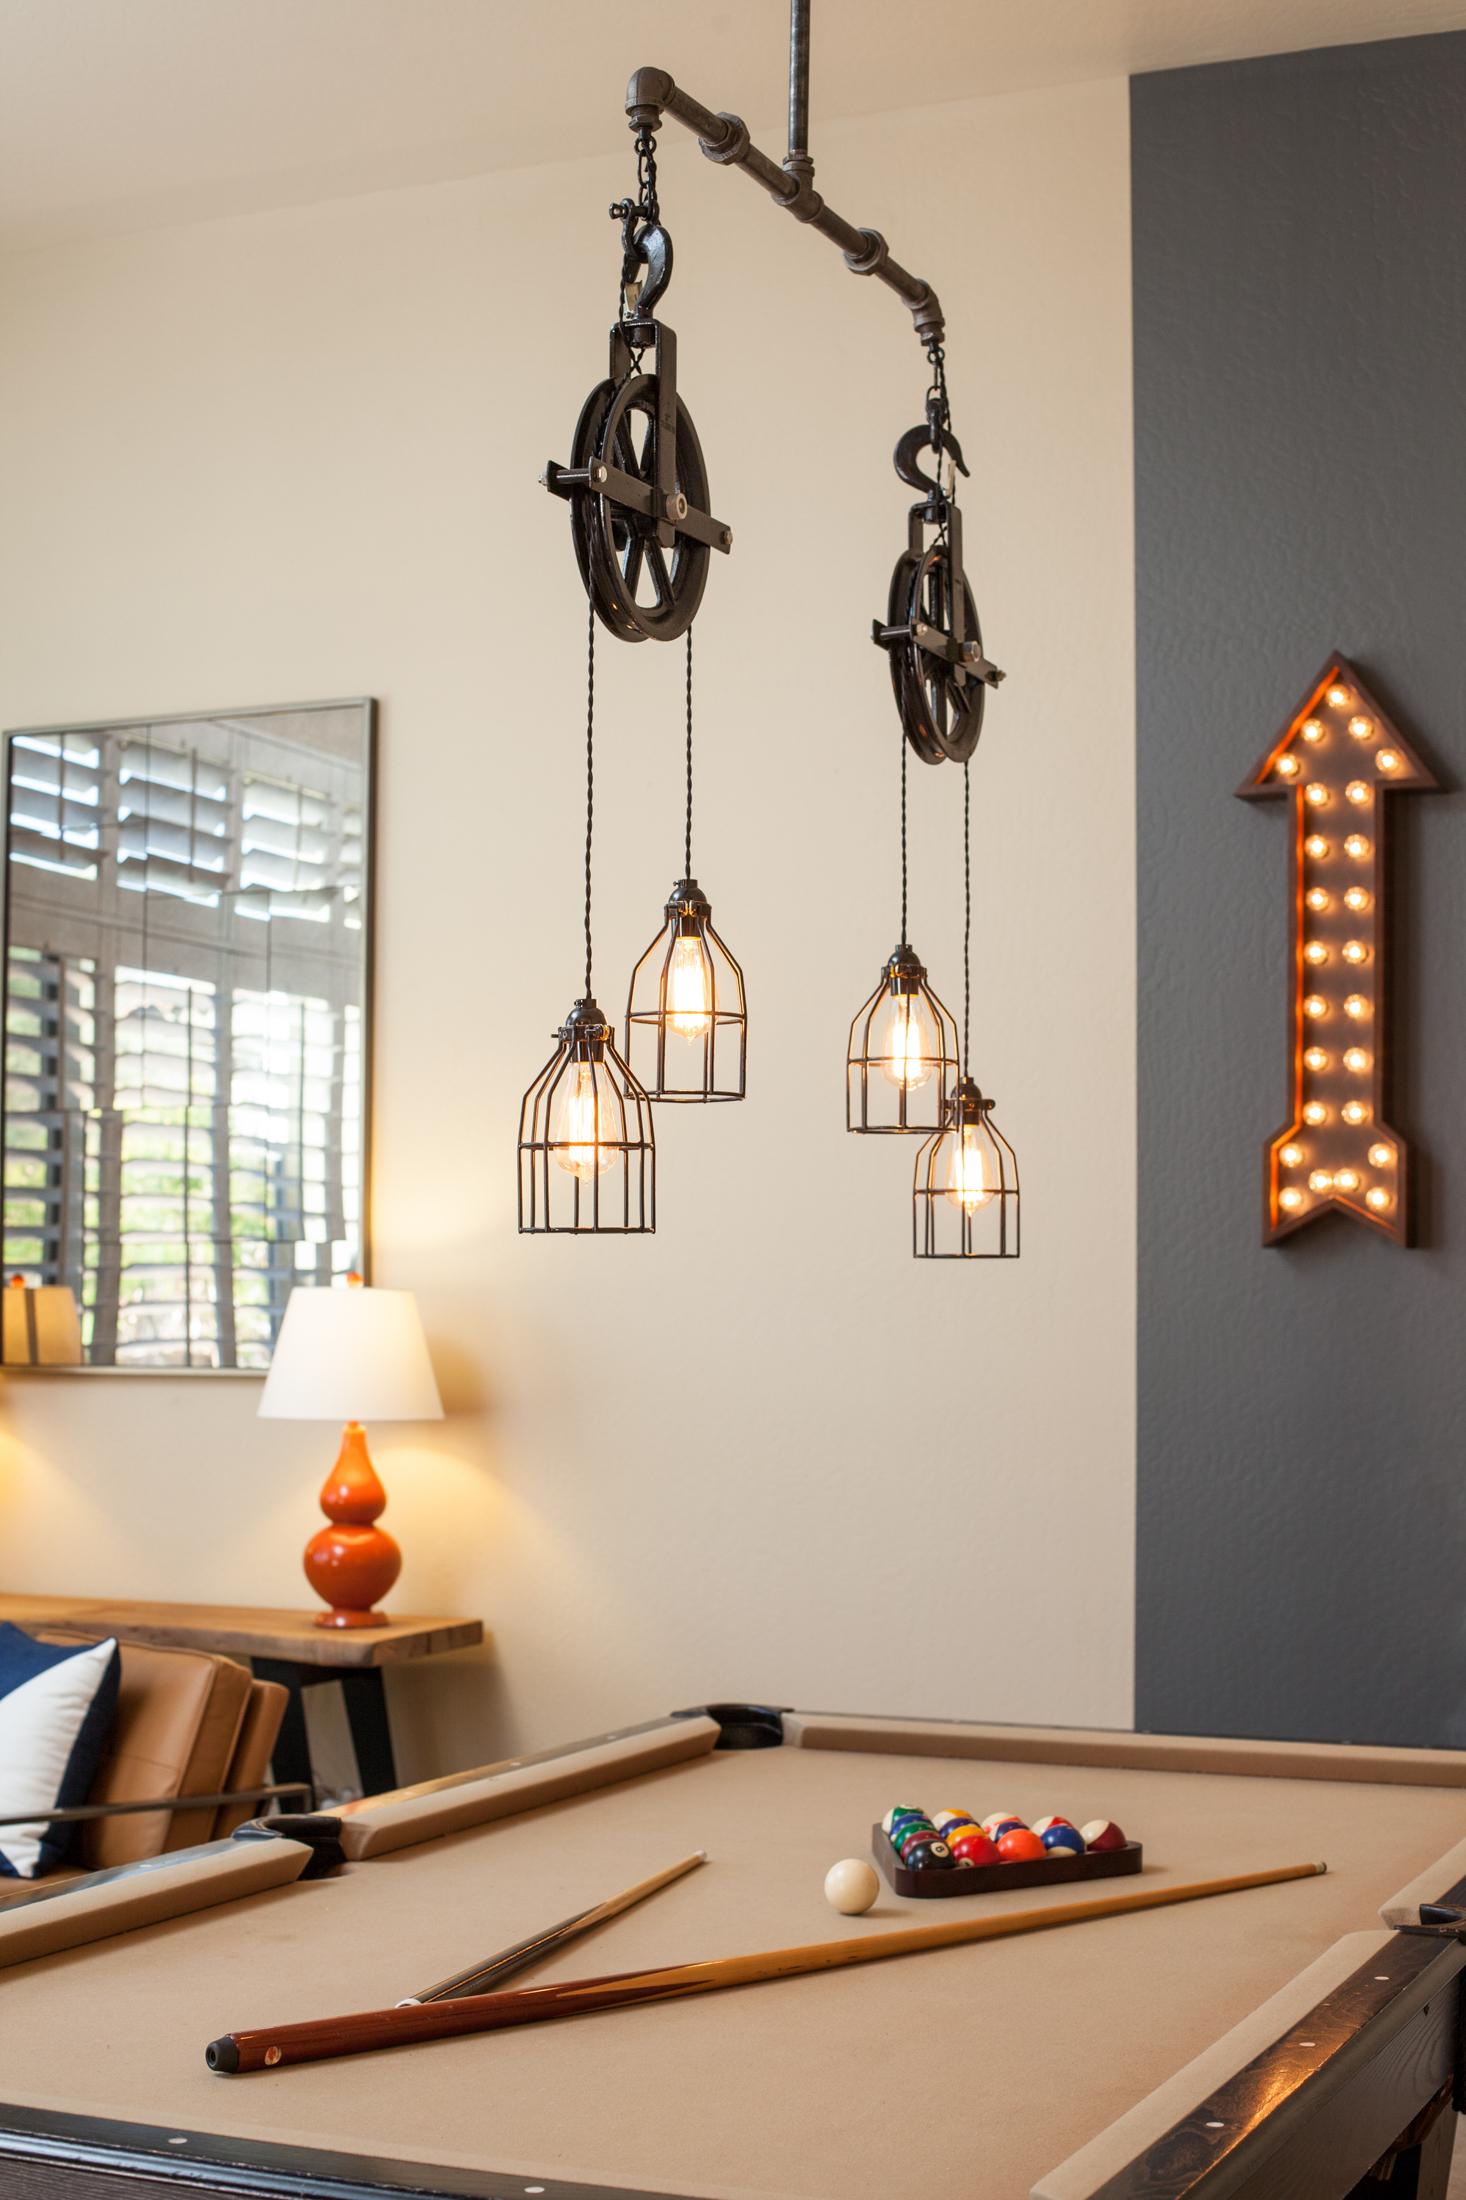 Scottsdale-Design-www.JamesStewart.photo-4.jpg